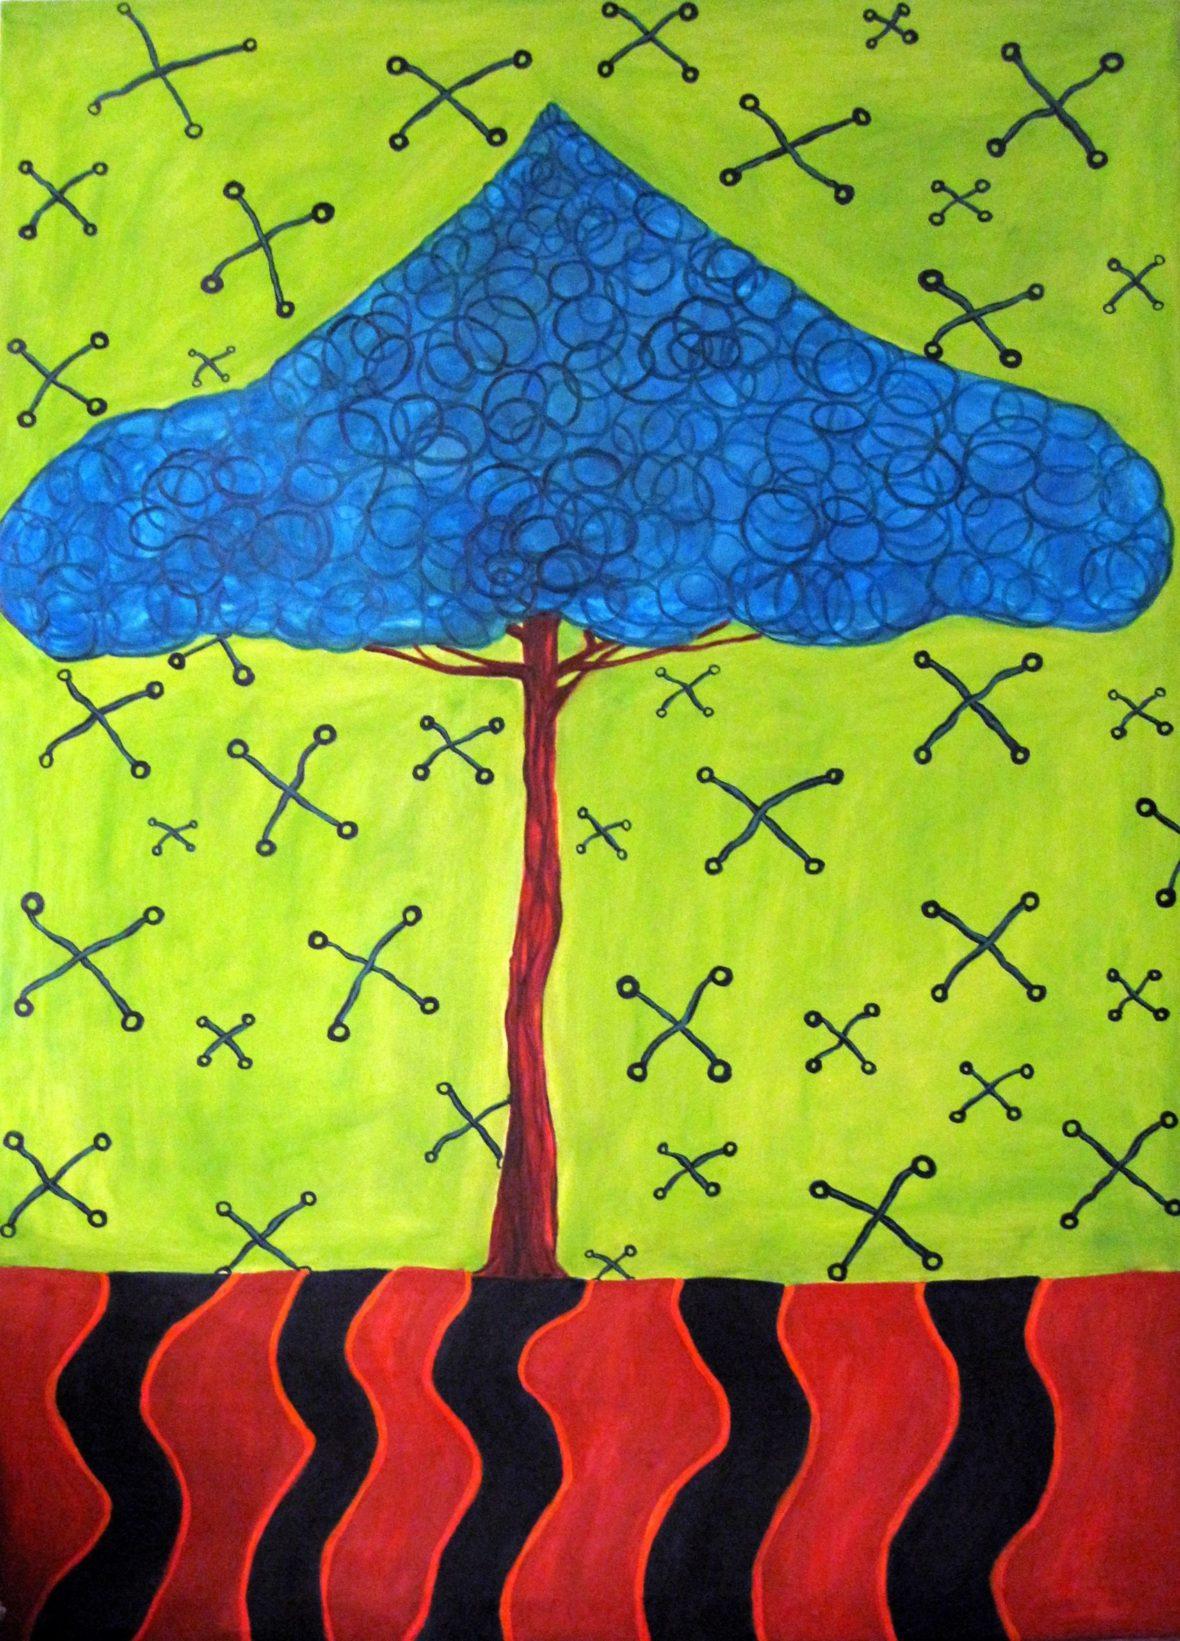 Elämänpuu – Tree of Life